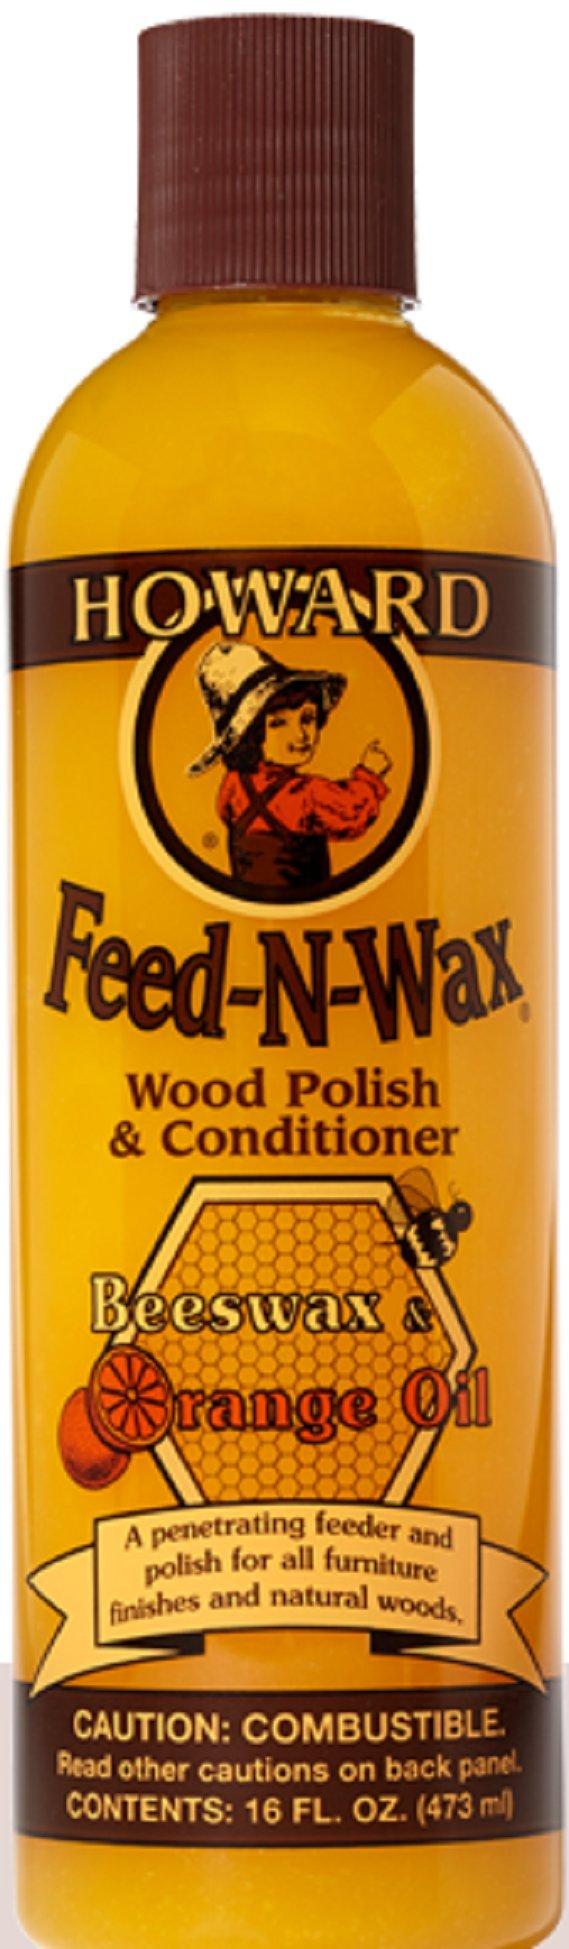 Howard Products FW0016 Feed-N-Wax Wood Polish and Conditioner, Beeswax & 16 oz orange 16 Fl Oz